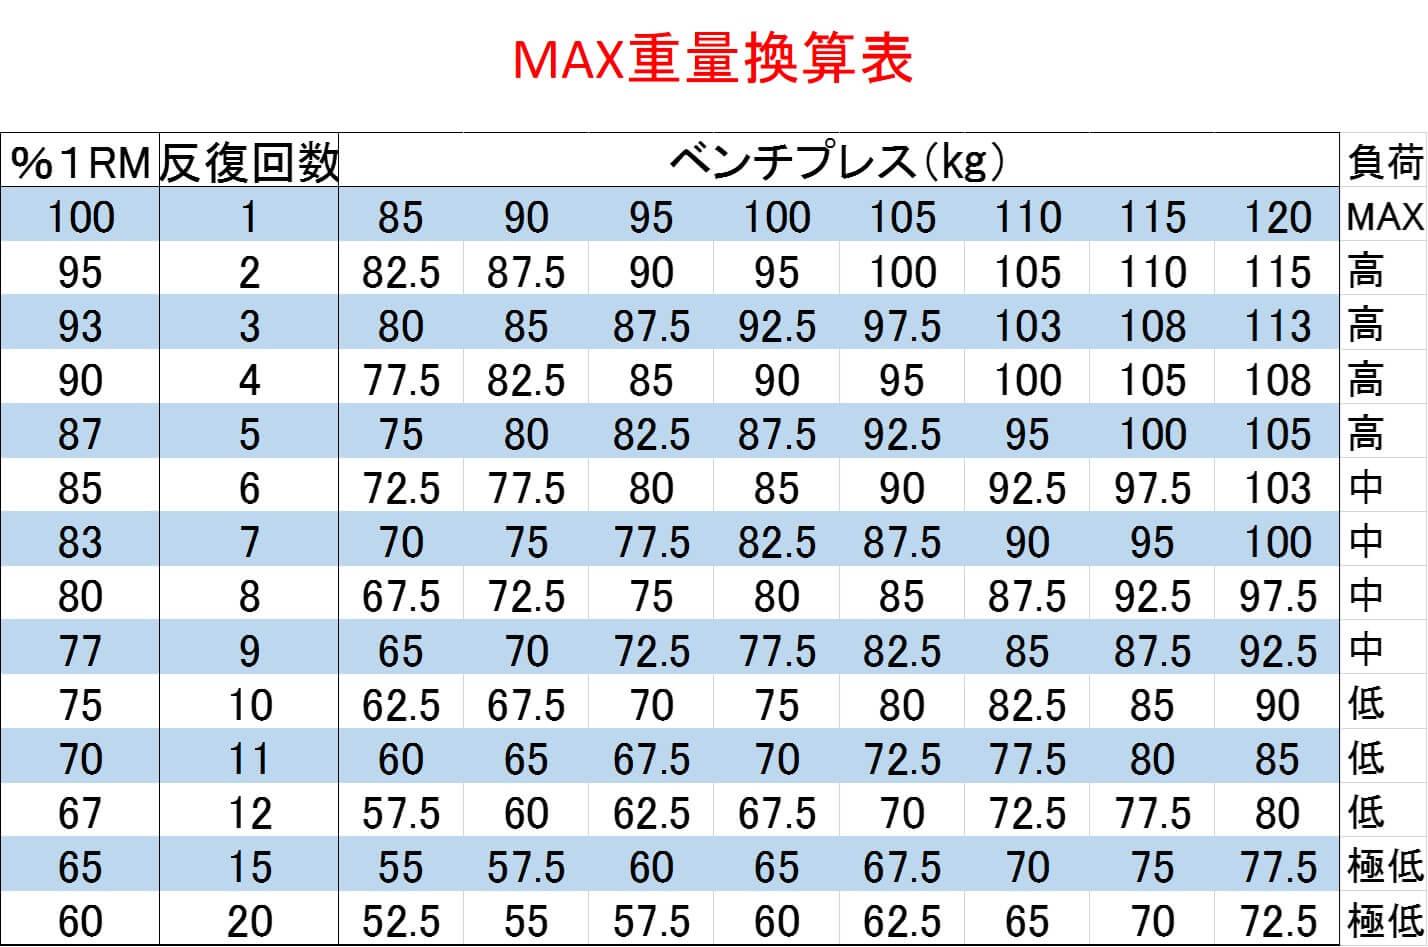 【ベンチプレス換算表】MAX重量と回数の関係を知りたい方はどうぞ